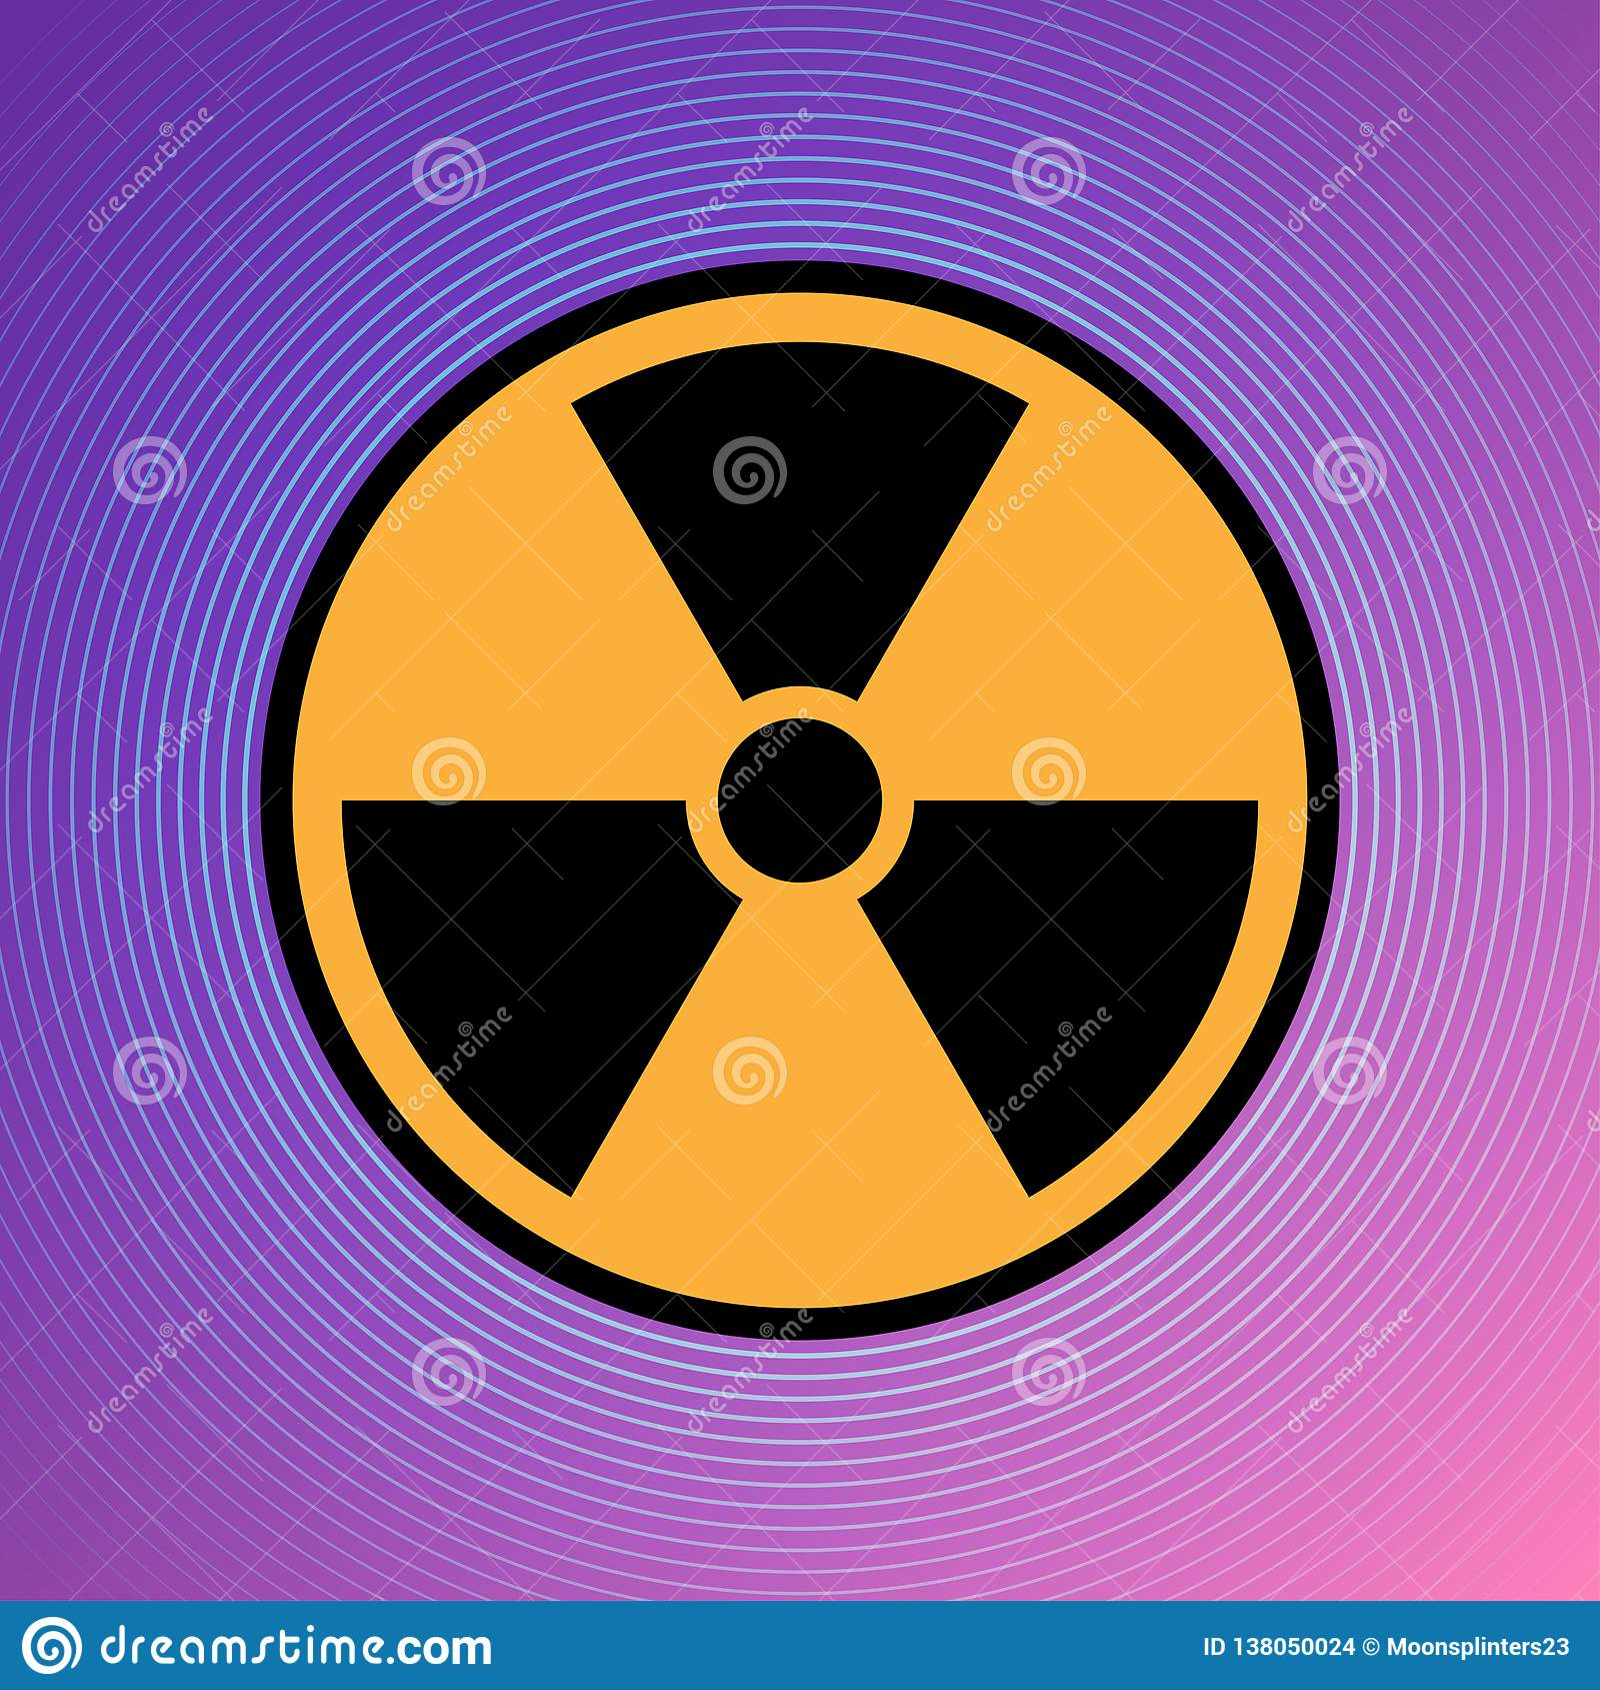 Vector atómico de uranio EPS 10 del ejemplo del icono del peligro del peligro de la atención radiactiva nuclear de la muestra